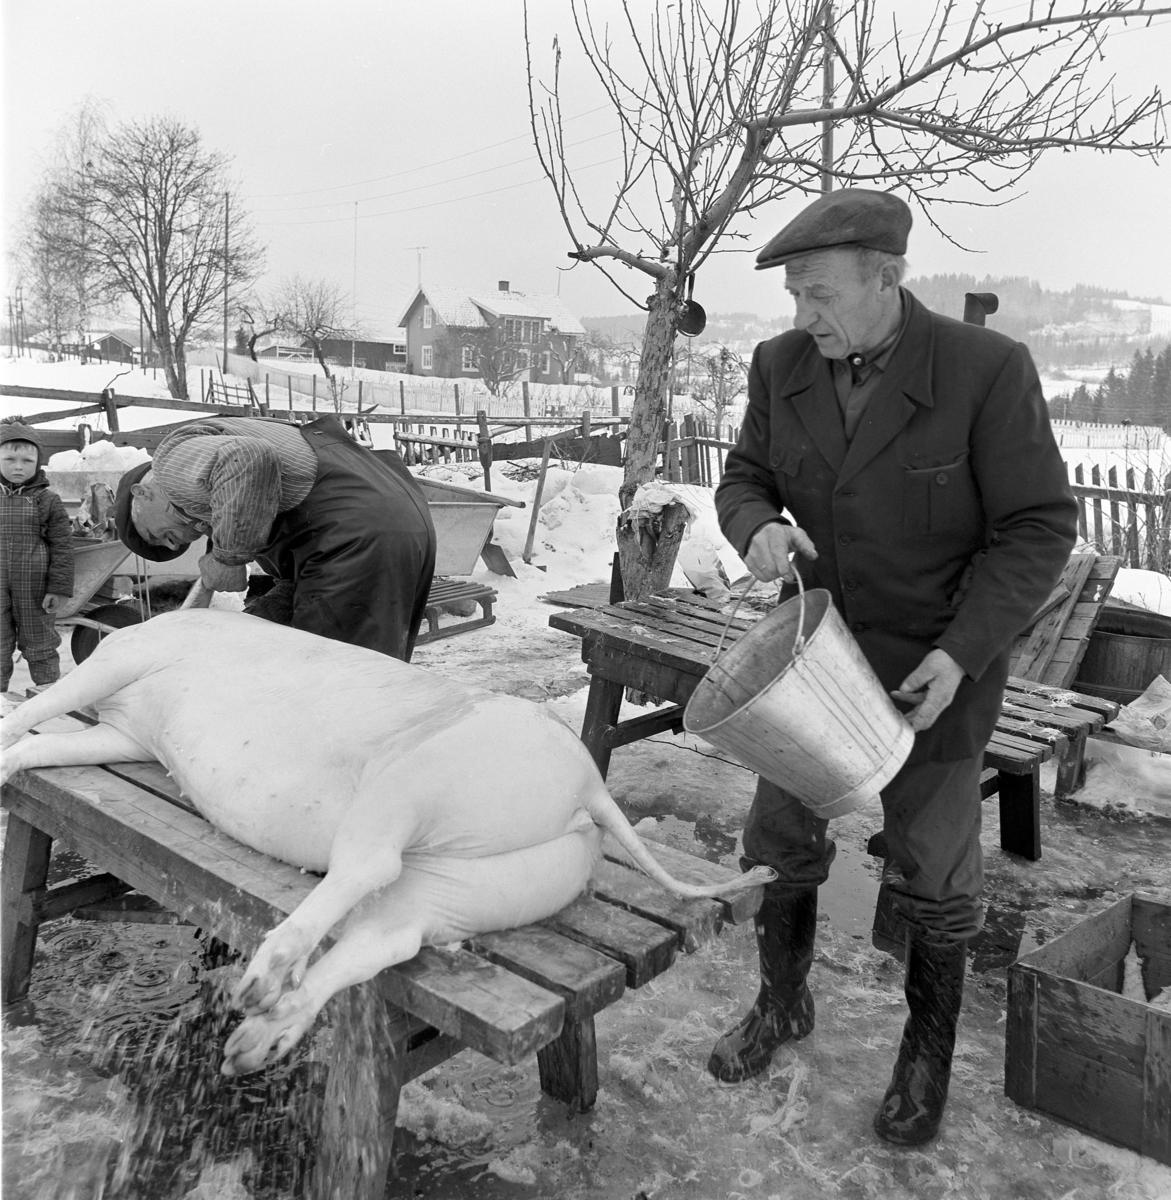 Dokumentasjon av griseslakting i 1977, på Lunde i Gaupen, Ringsaker. Bygdeslakter. Bygdeslakter Johs. Rosenborg. Kaldt vann helles på for å kjøle ned grisen før oppdeling.